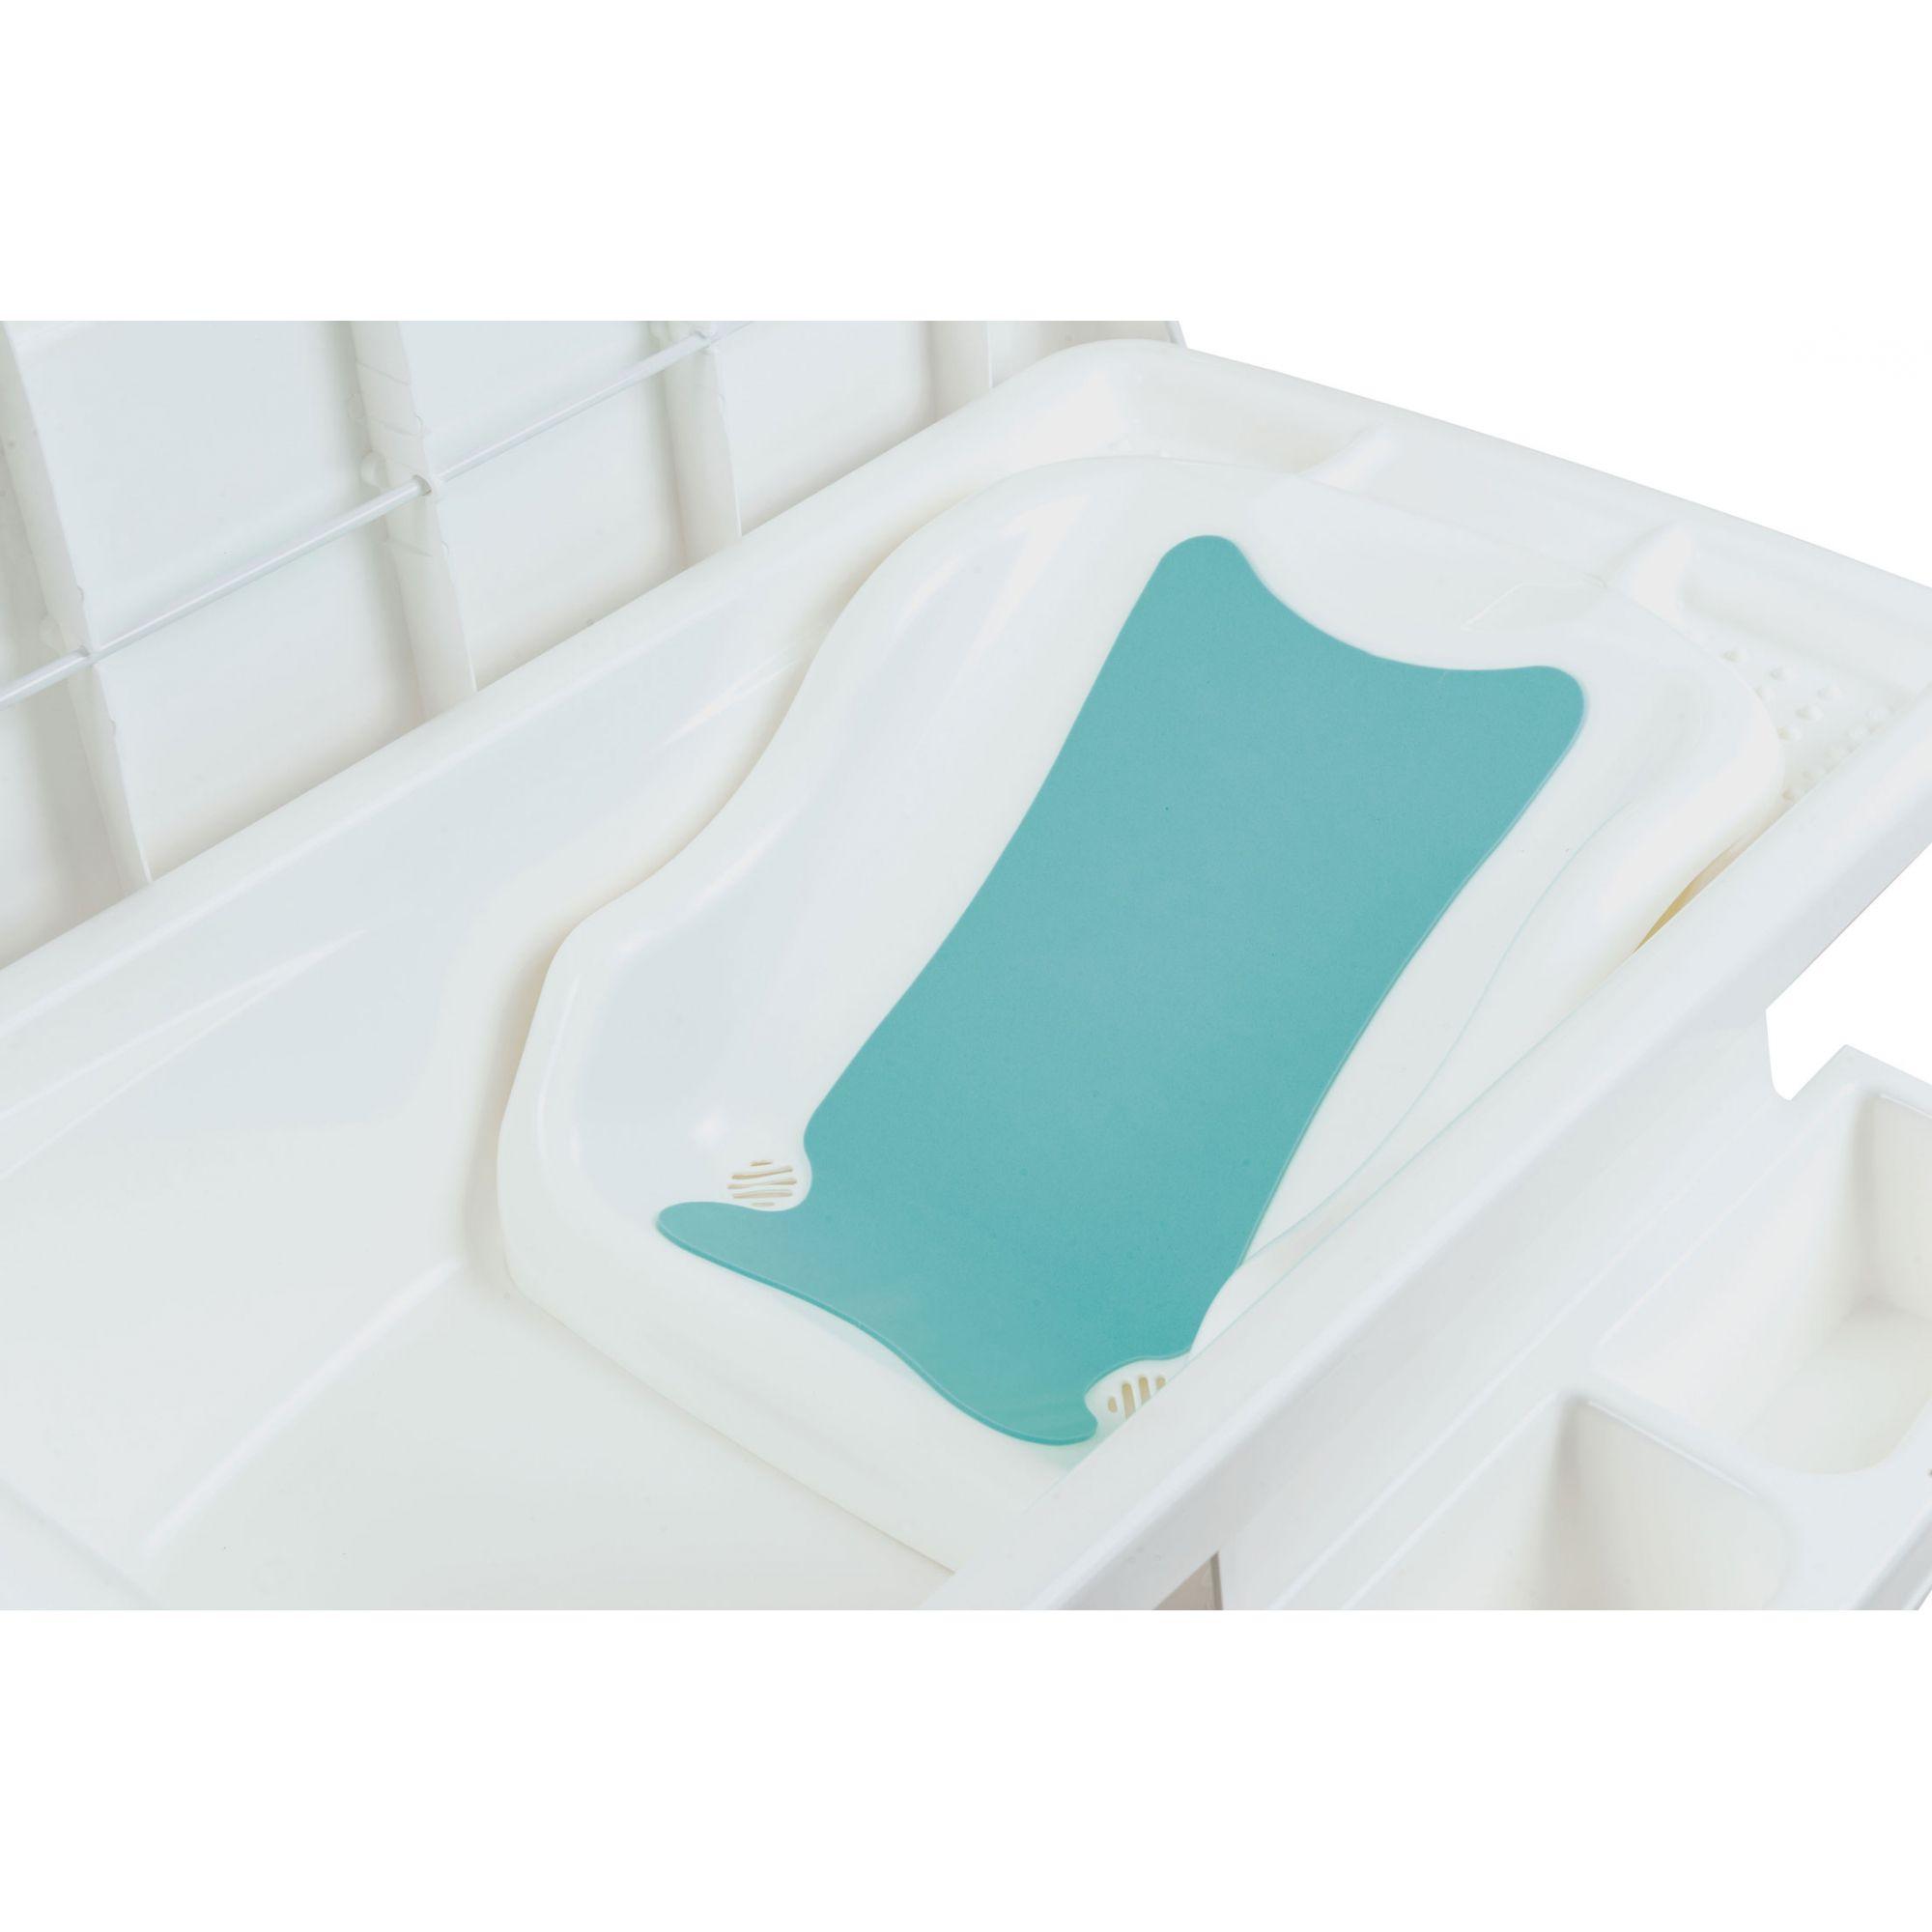 Redutor Para Banheira Branco - Burigotto Ref 0342